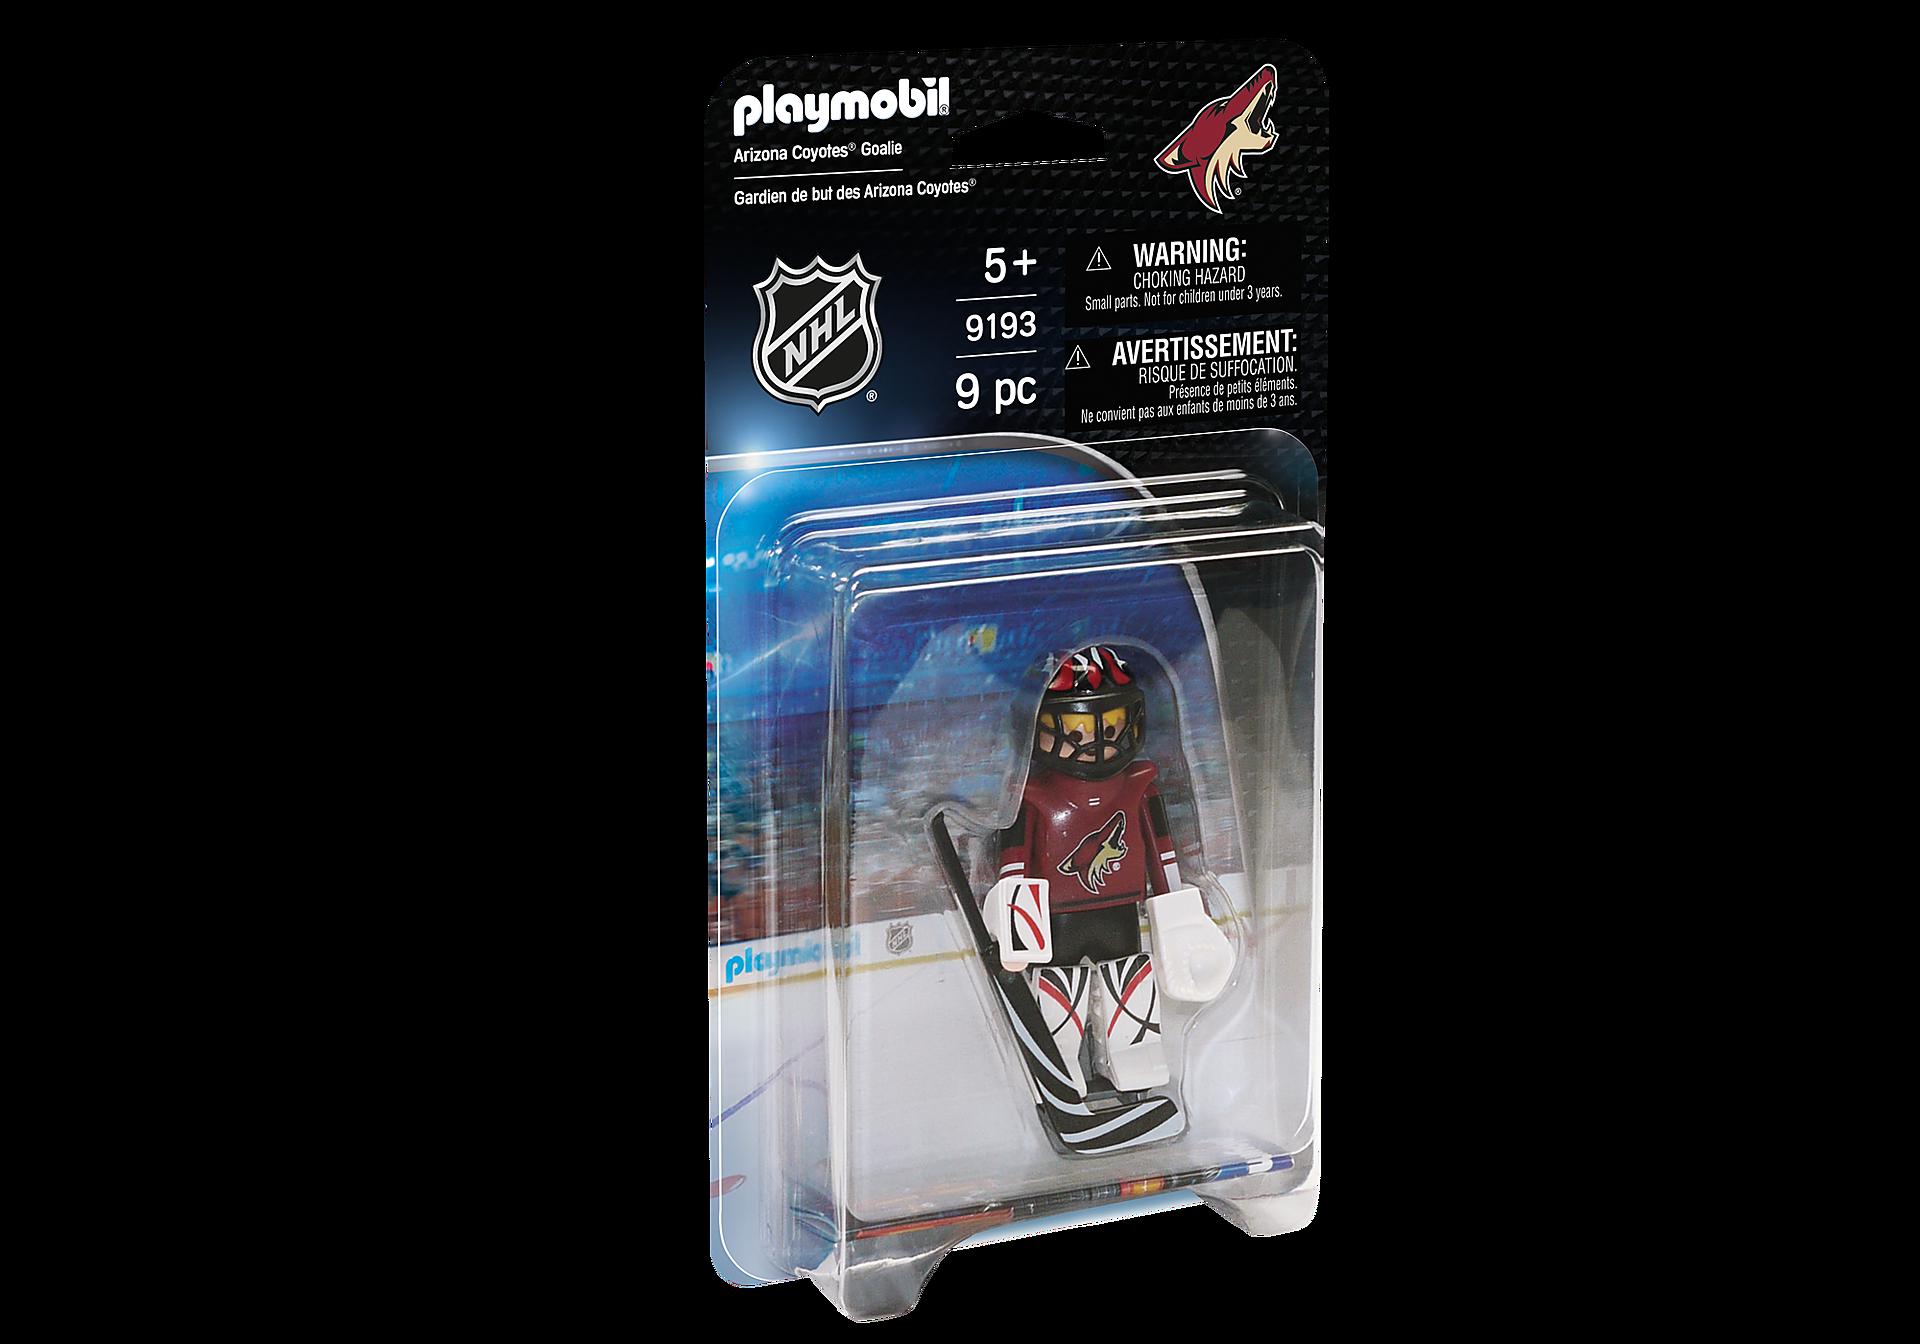 9193 NHL™ Arizona Coyotes™ Goalie zoom image2